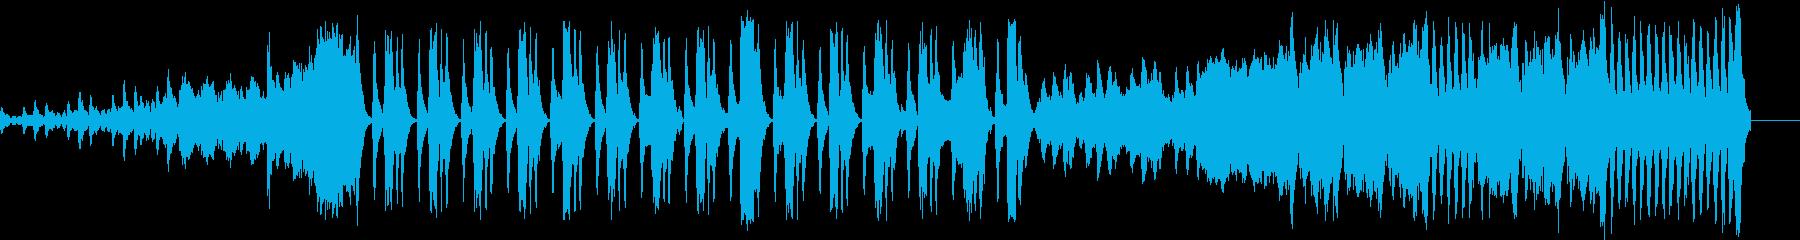 Windowsに内蔵されている音源(M…の再生済みの波形